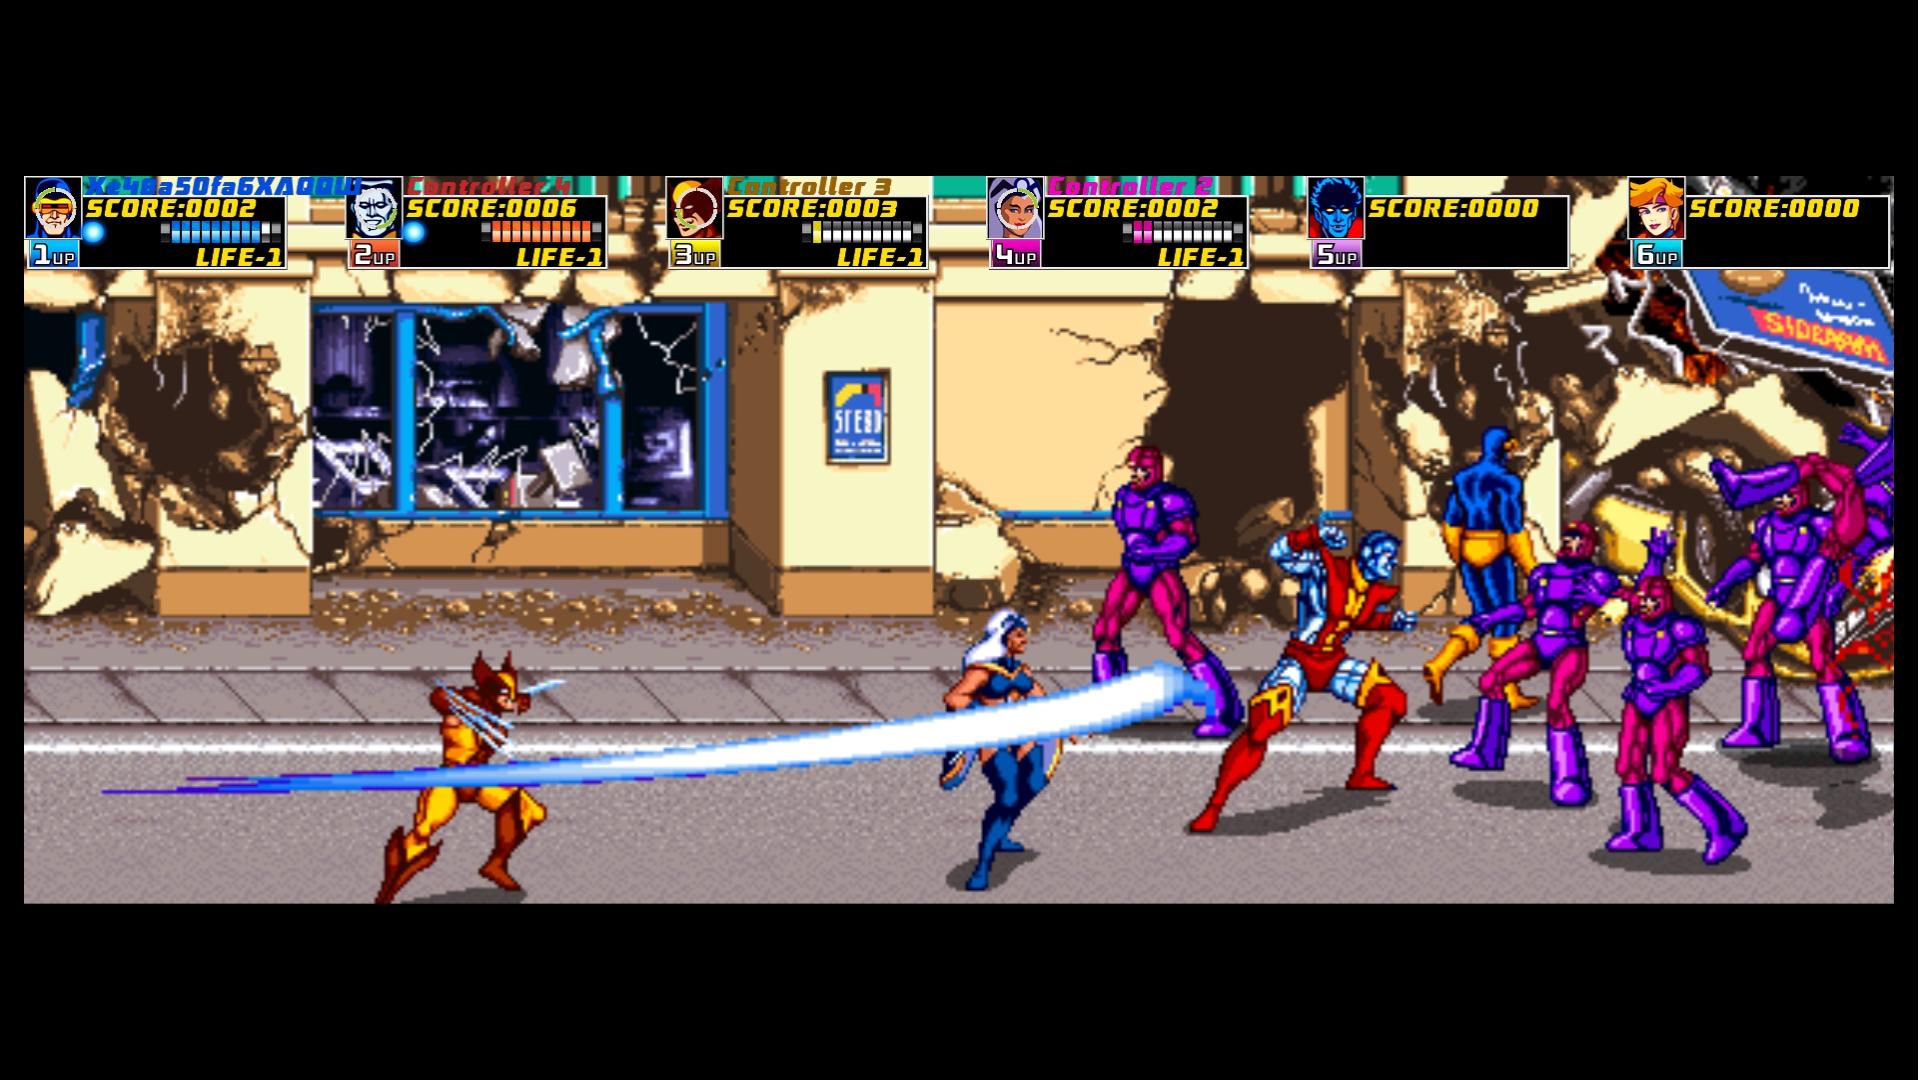 Playtech's Free X-Men Slot